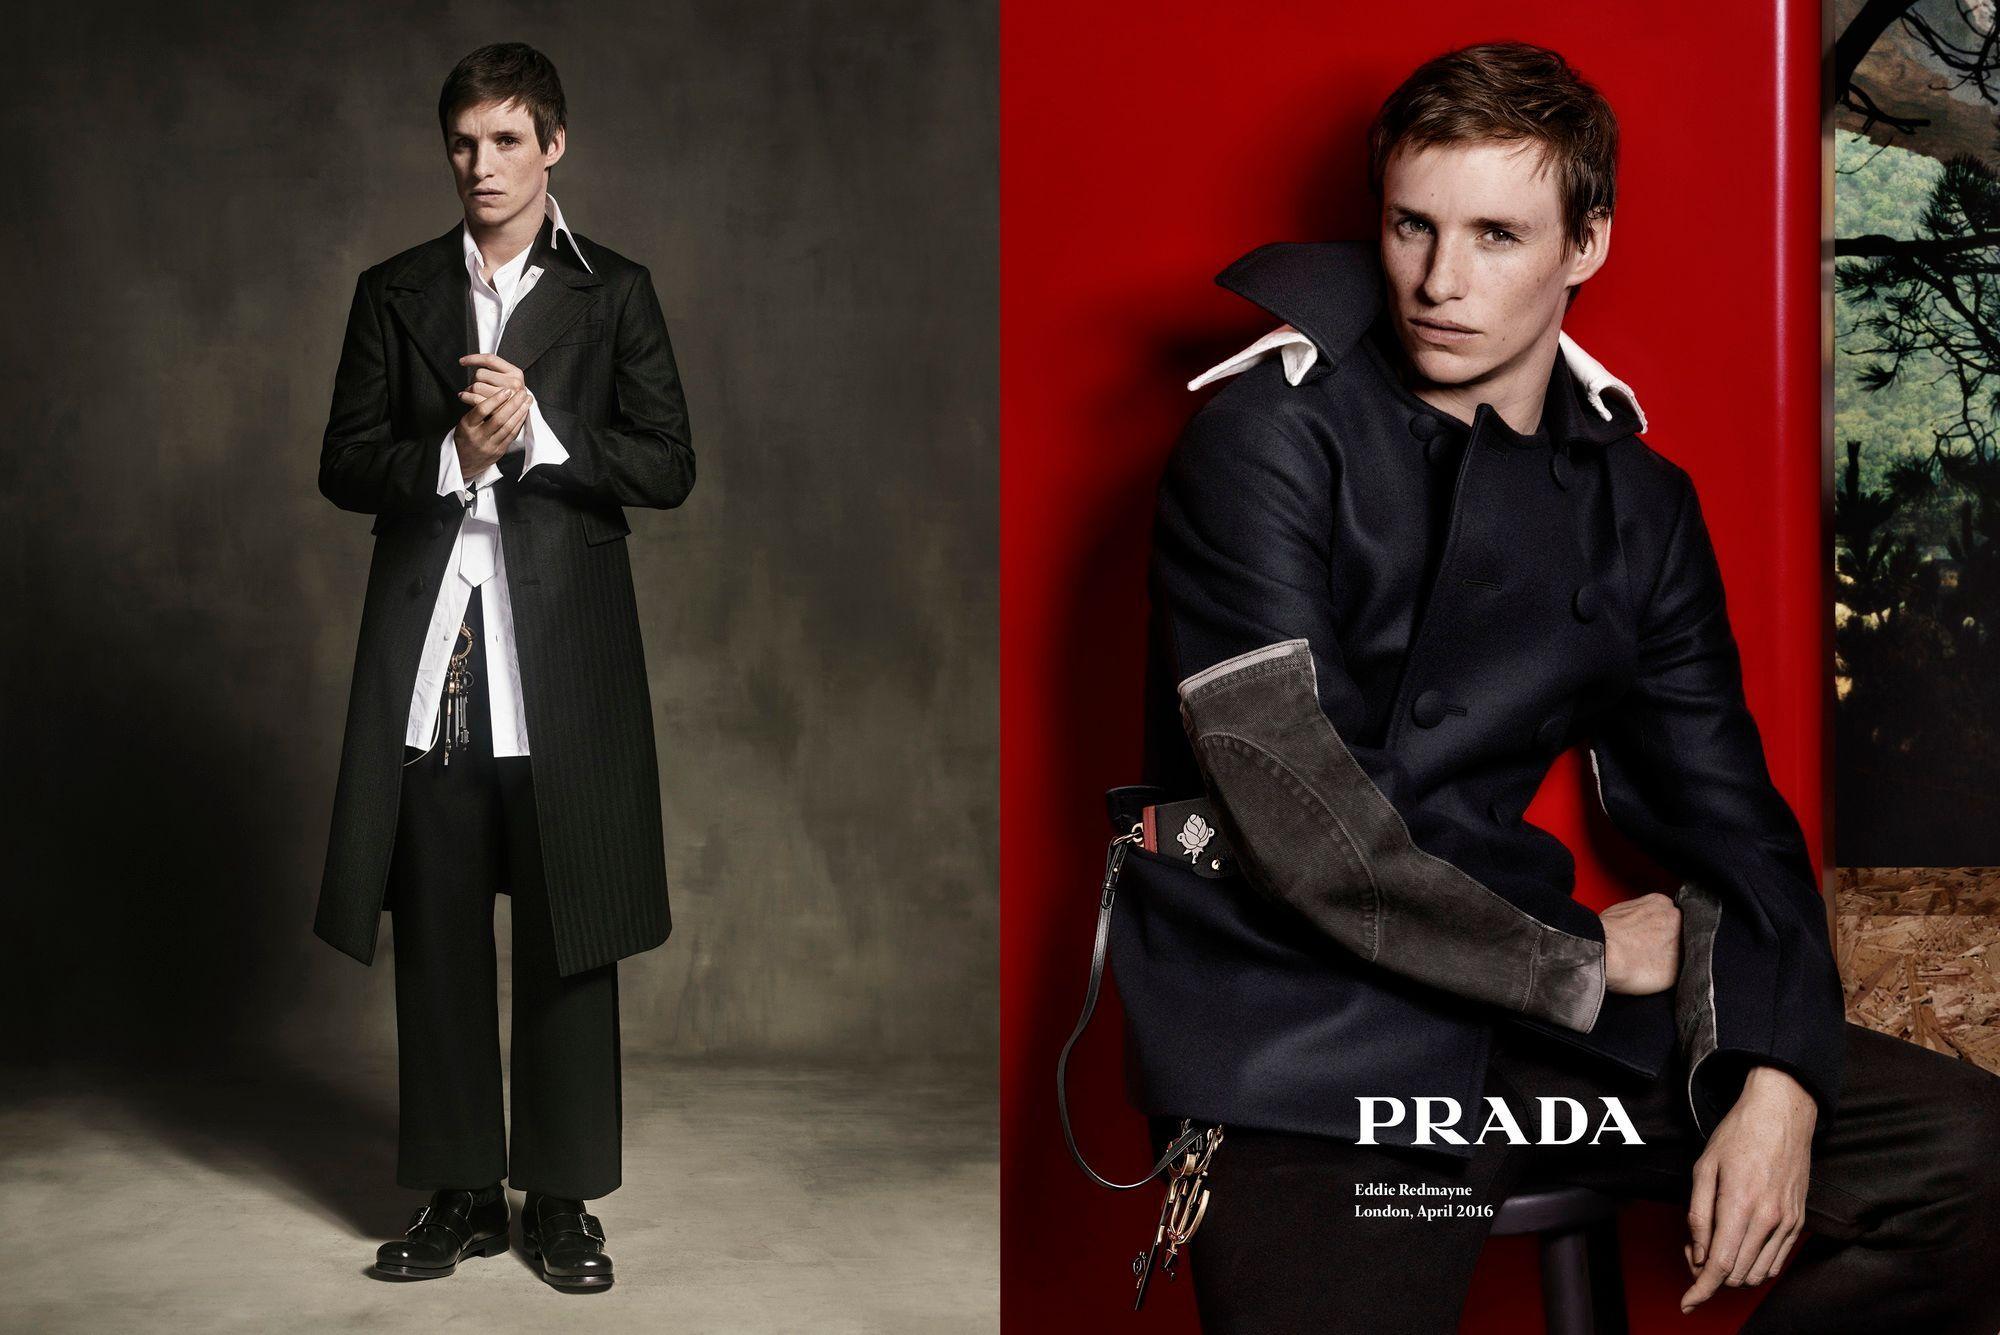 01_Prada Menswear FW16 Adv Campaign